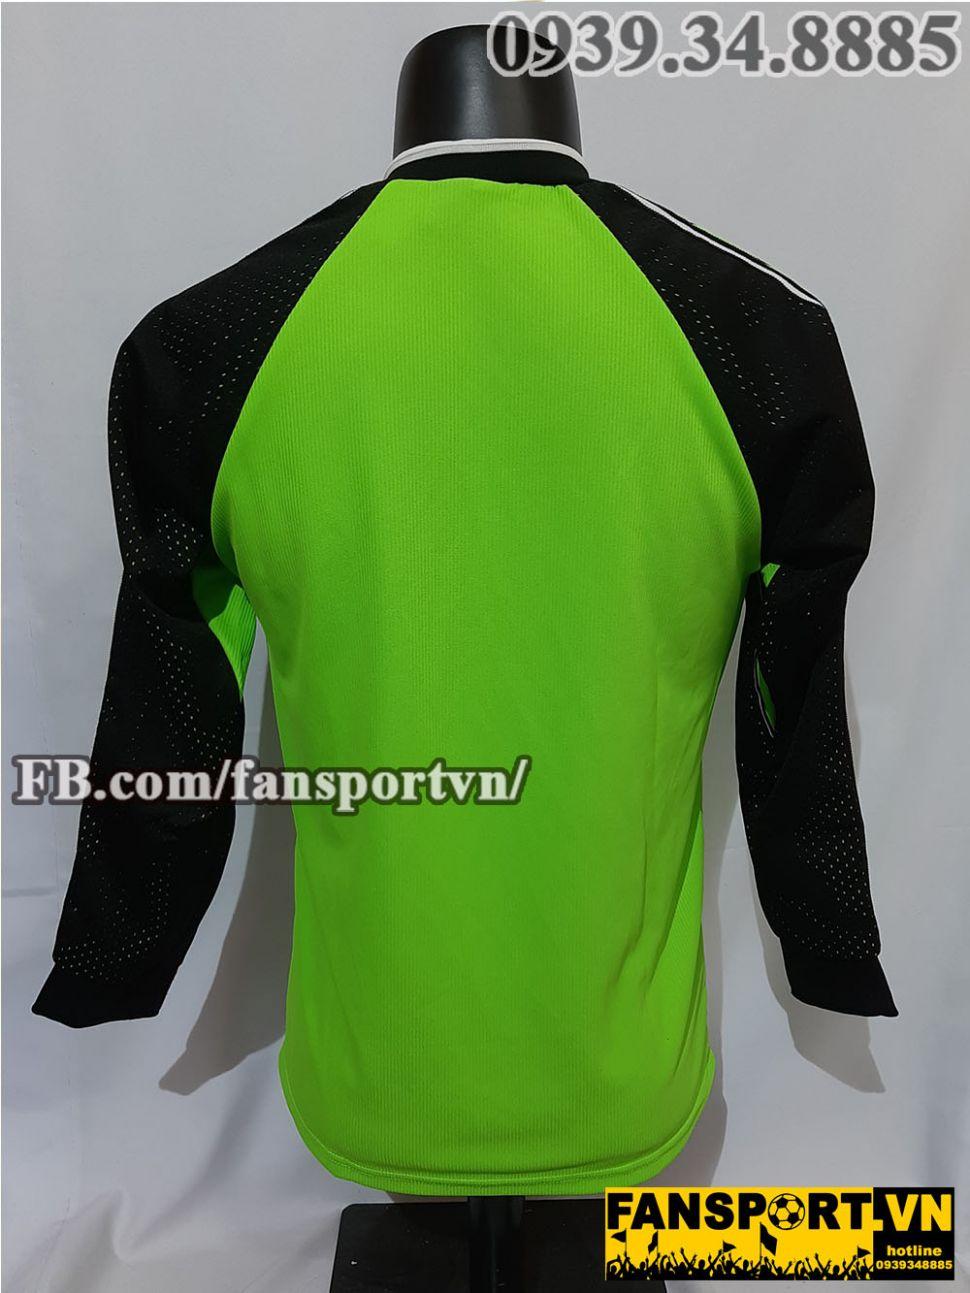 Áo thủ môn Manchester United 1998-1999-2000 home shirt jersey green GK